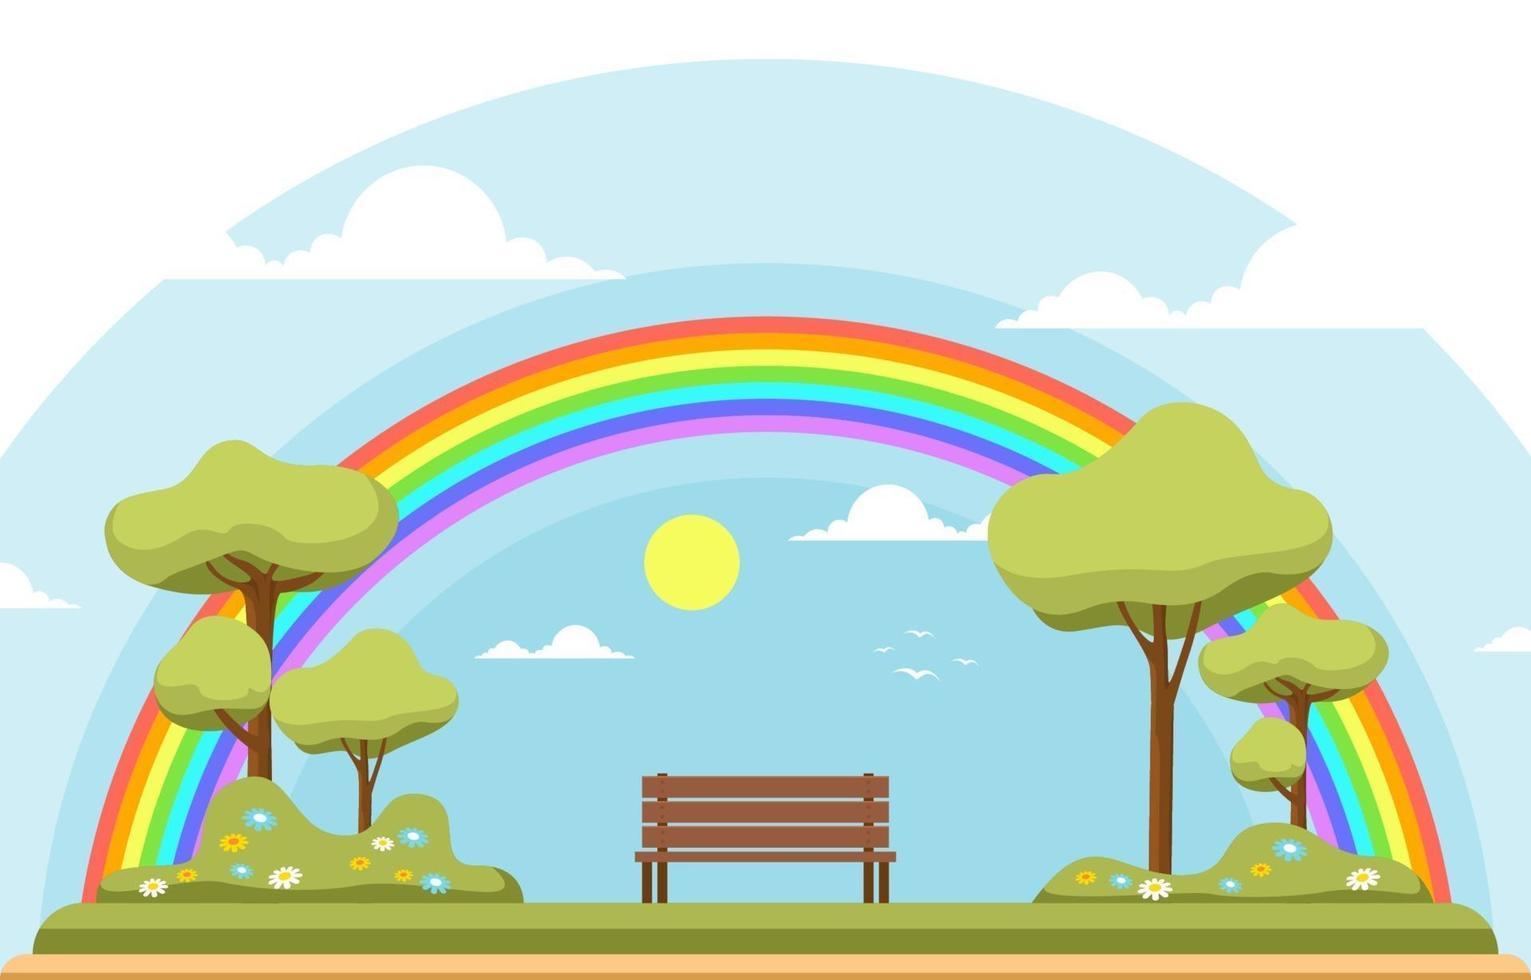 bellissimo arcobaleno nel parco estate natura paesaggio illustrazione vettore